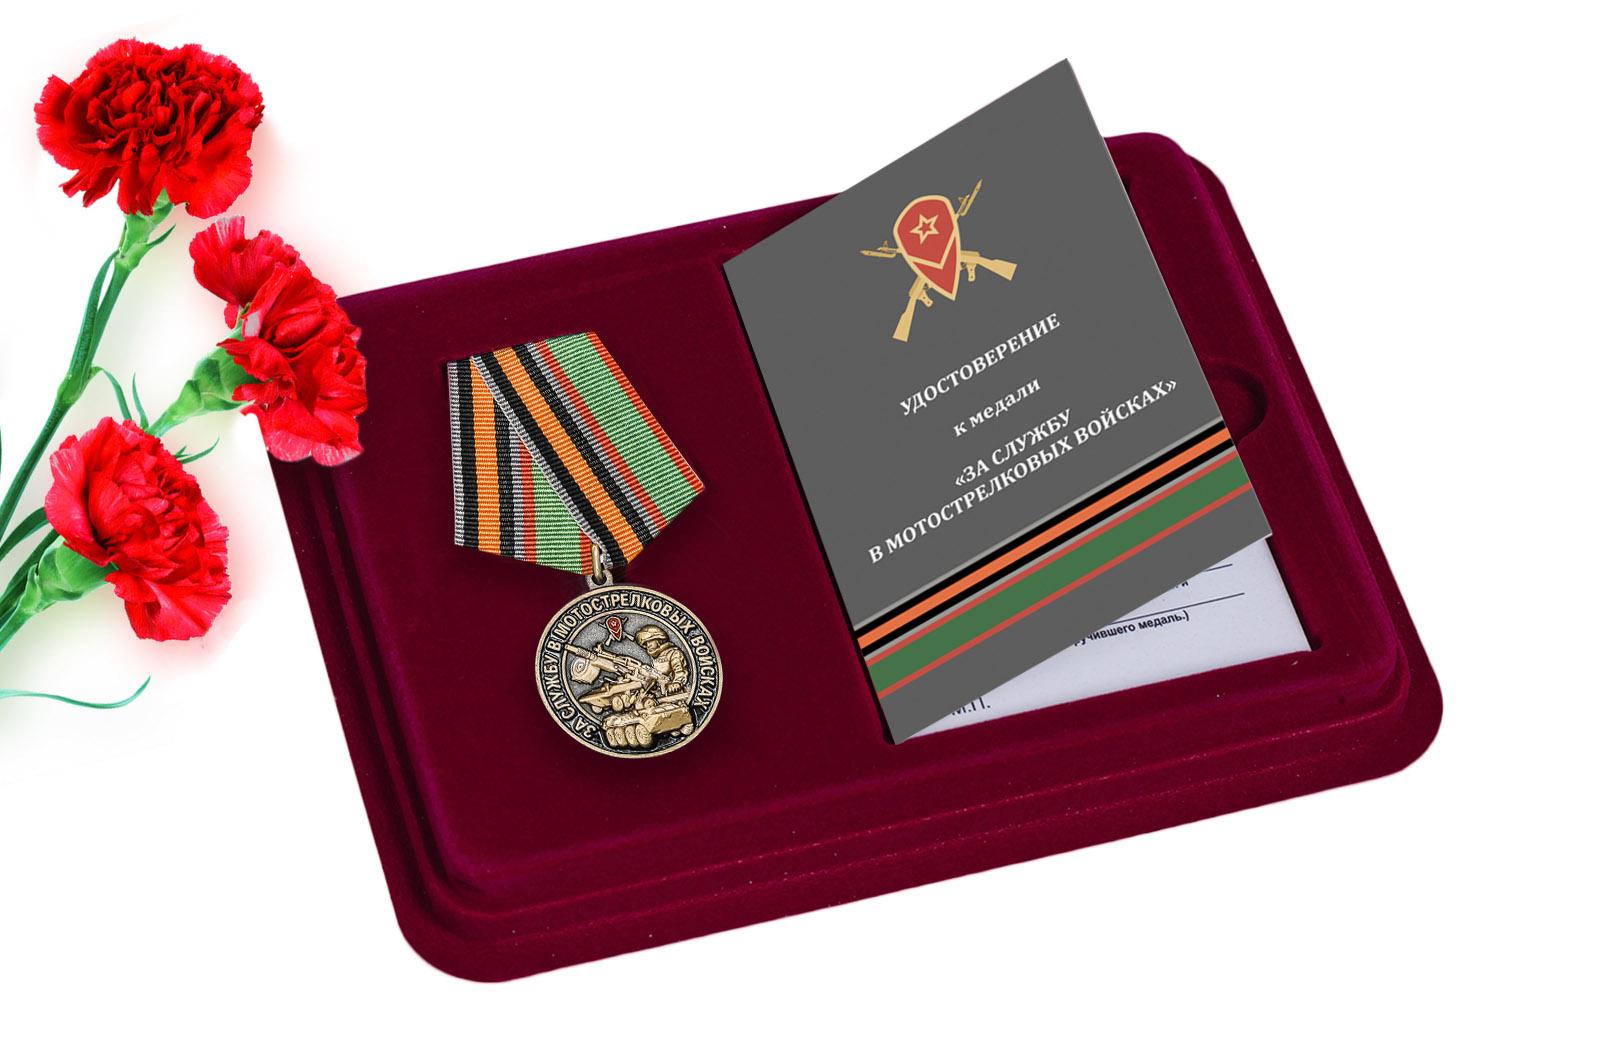 Купить медаль За службу в Мотострелковых войсках по лучшей цене